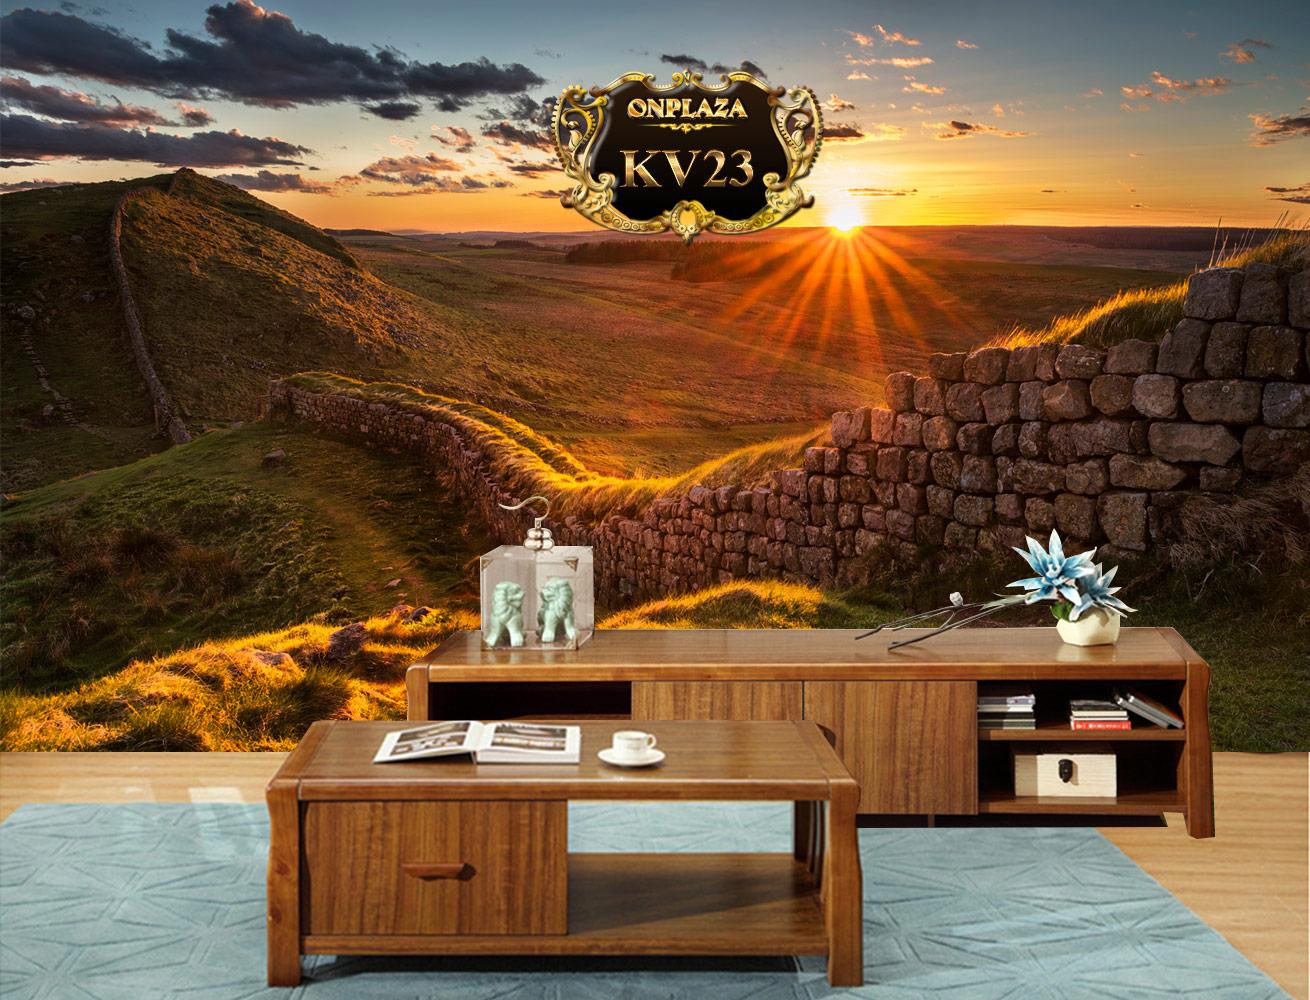 Bộ bàn trà kệ tủ tivi phòng khách nhập khẩu châu âu